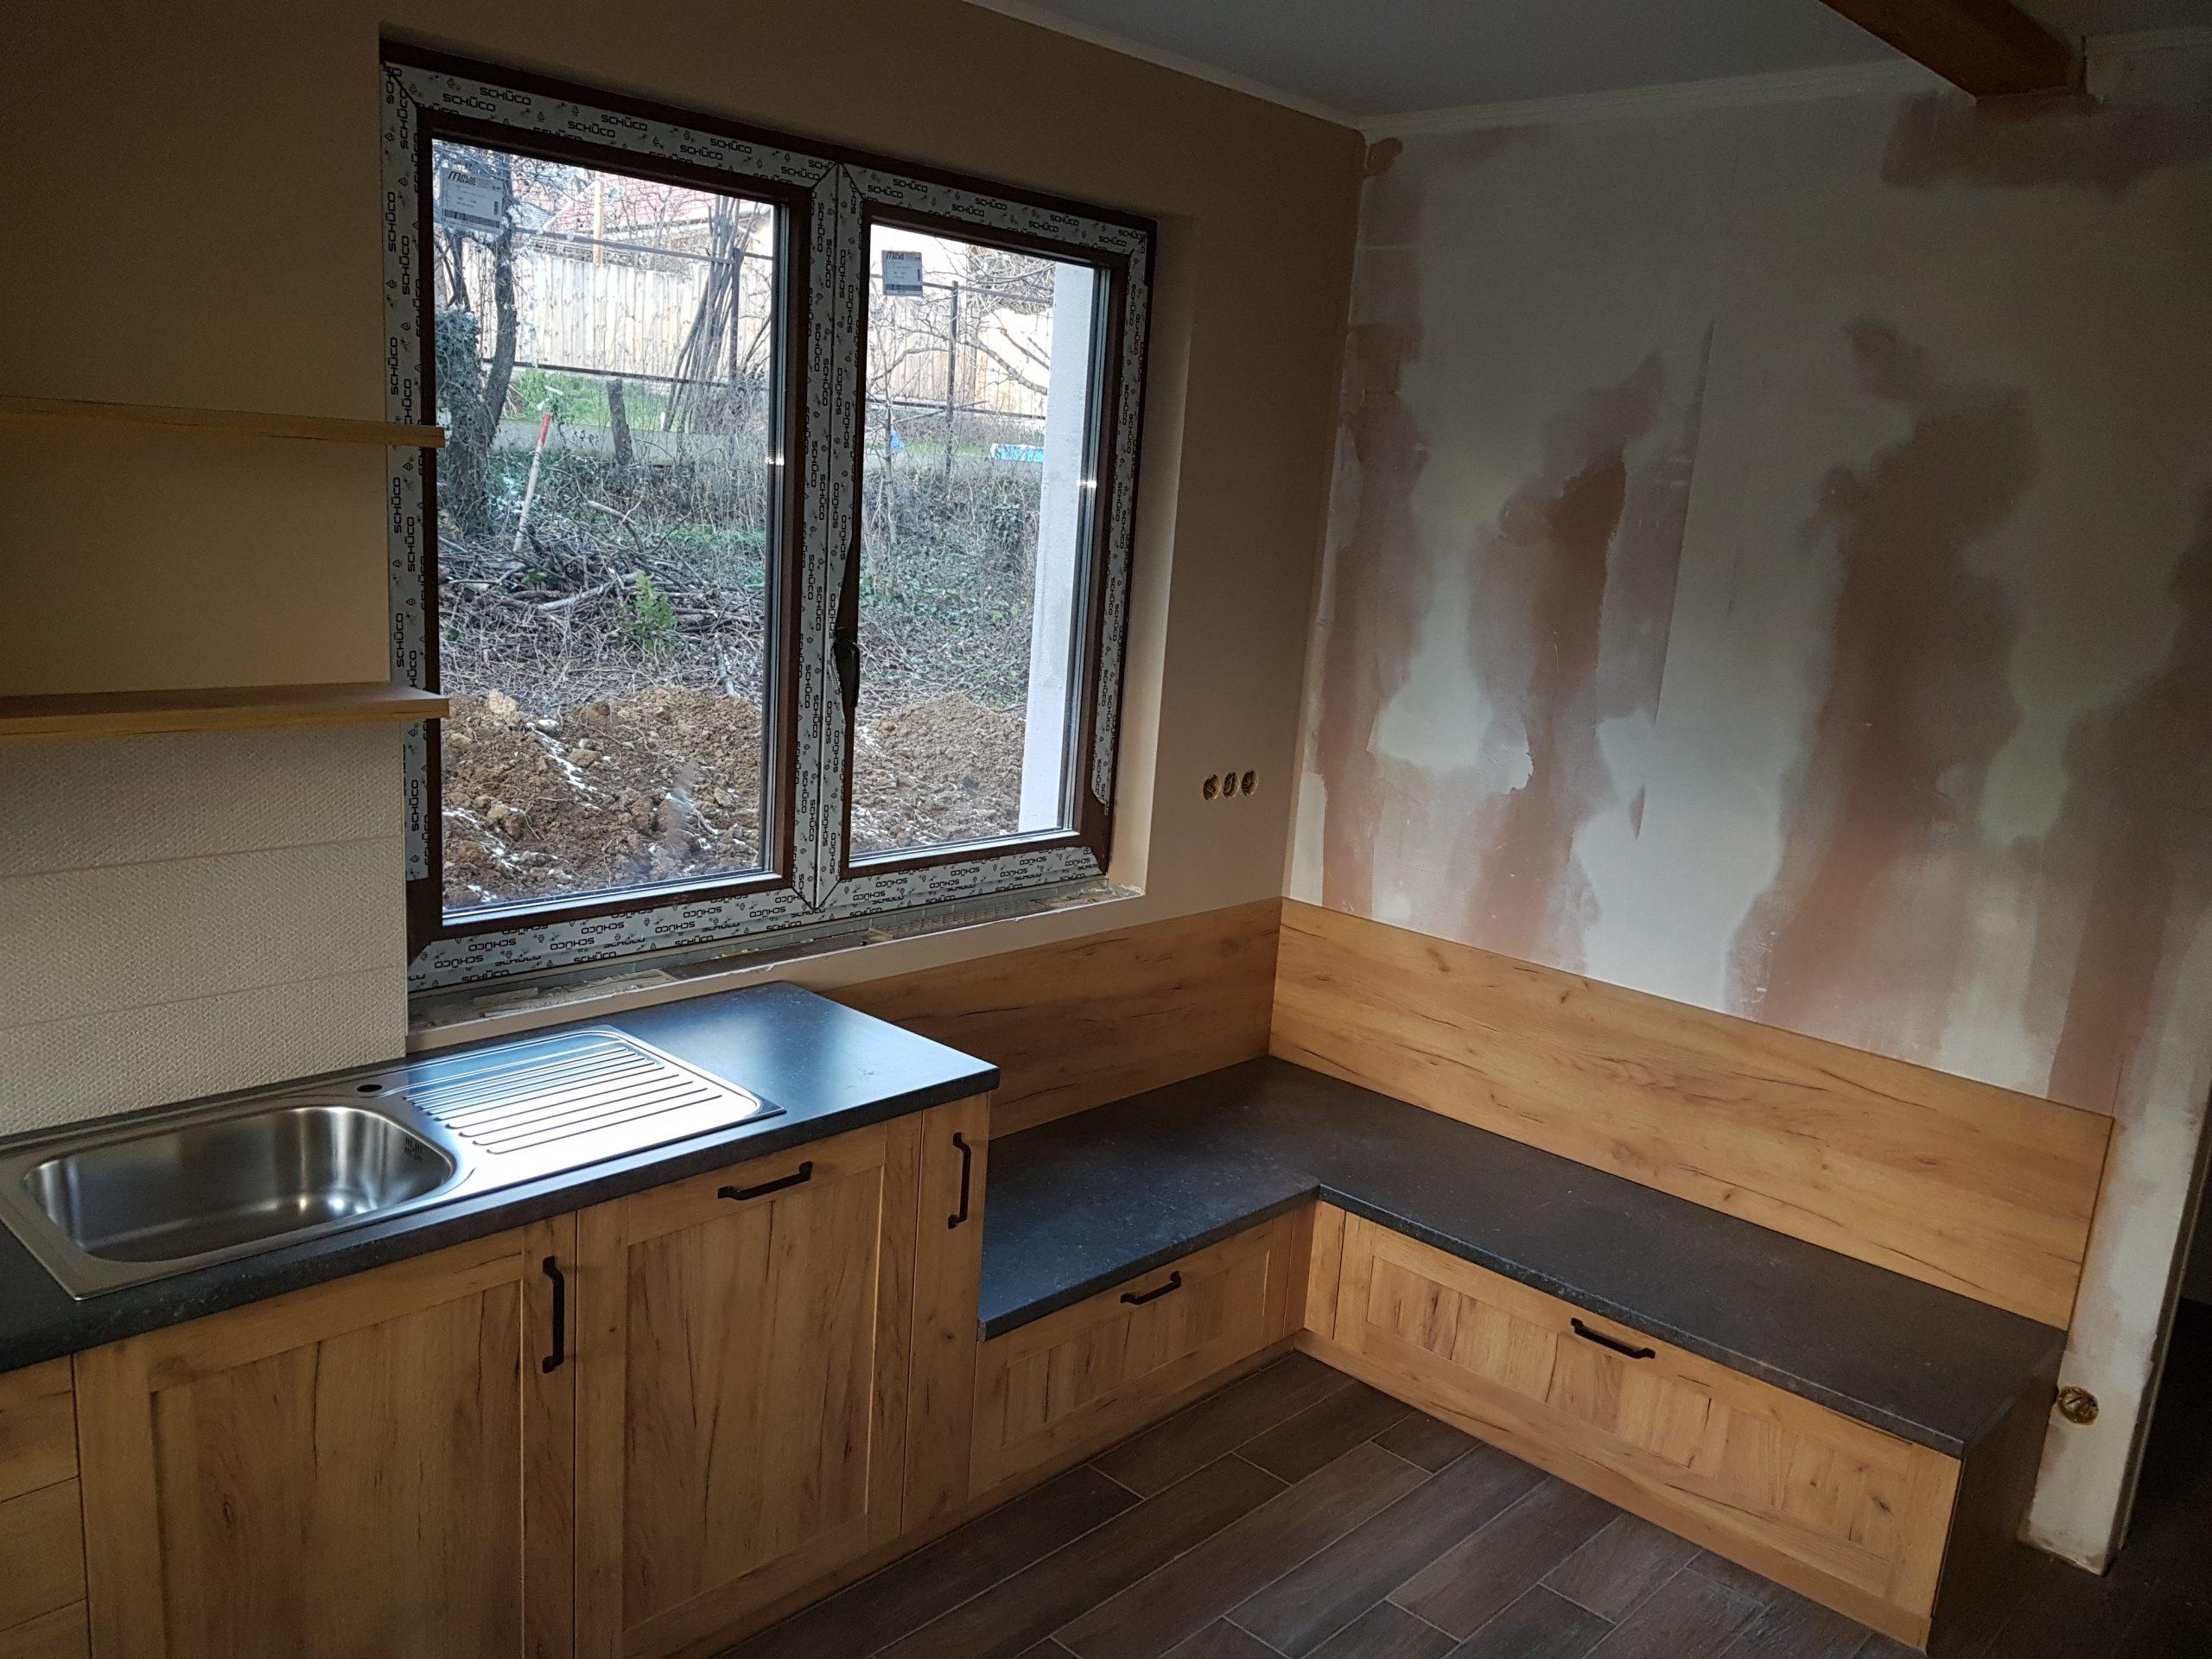 Modern, otthonos konyhabútor arany tölgy színben, sötét munkalappal